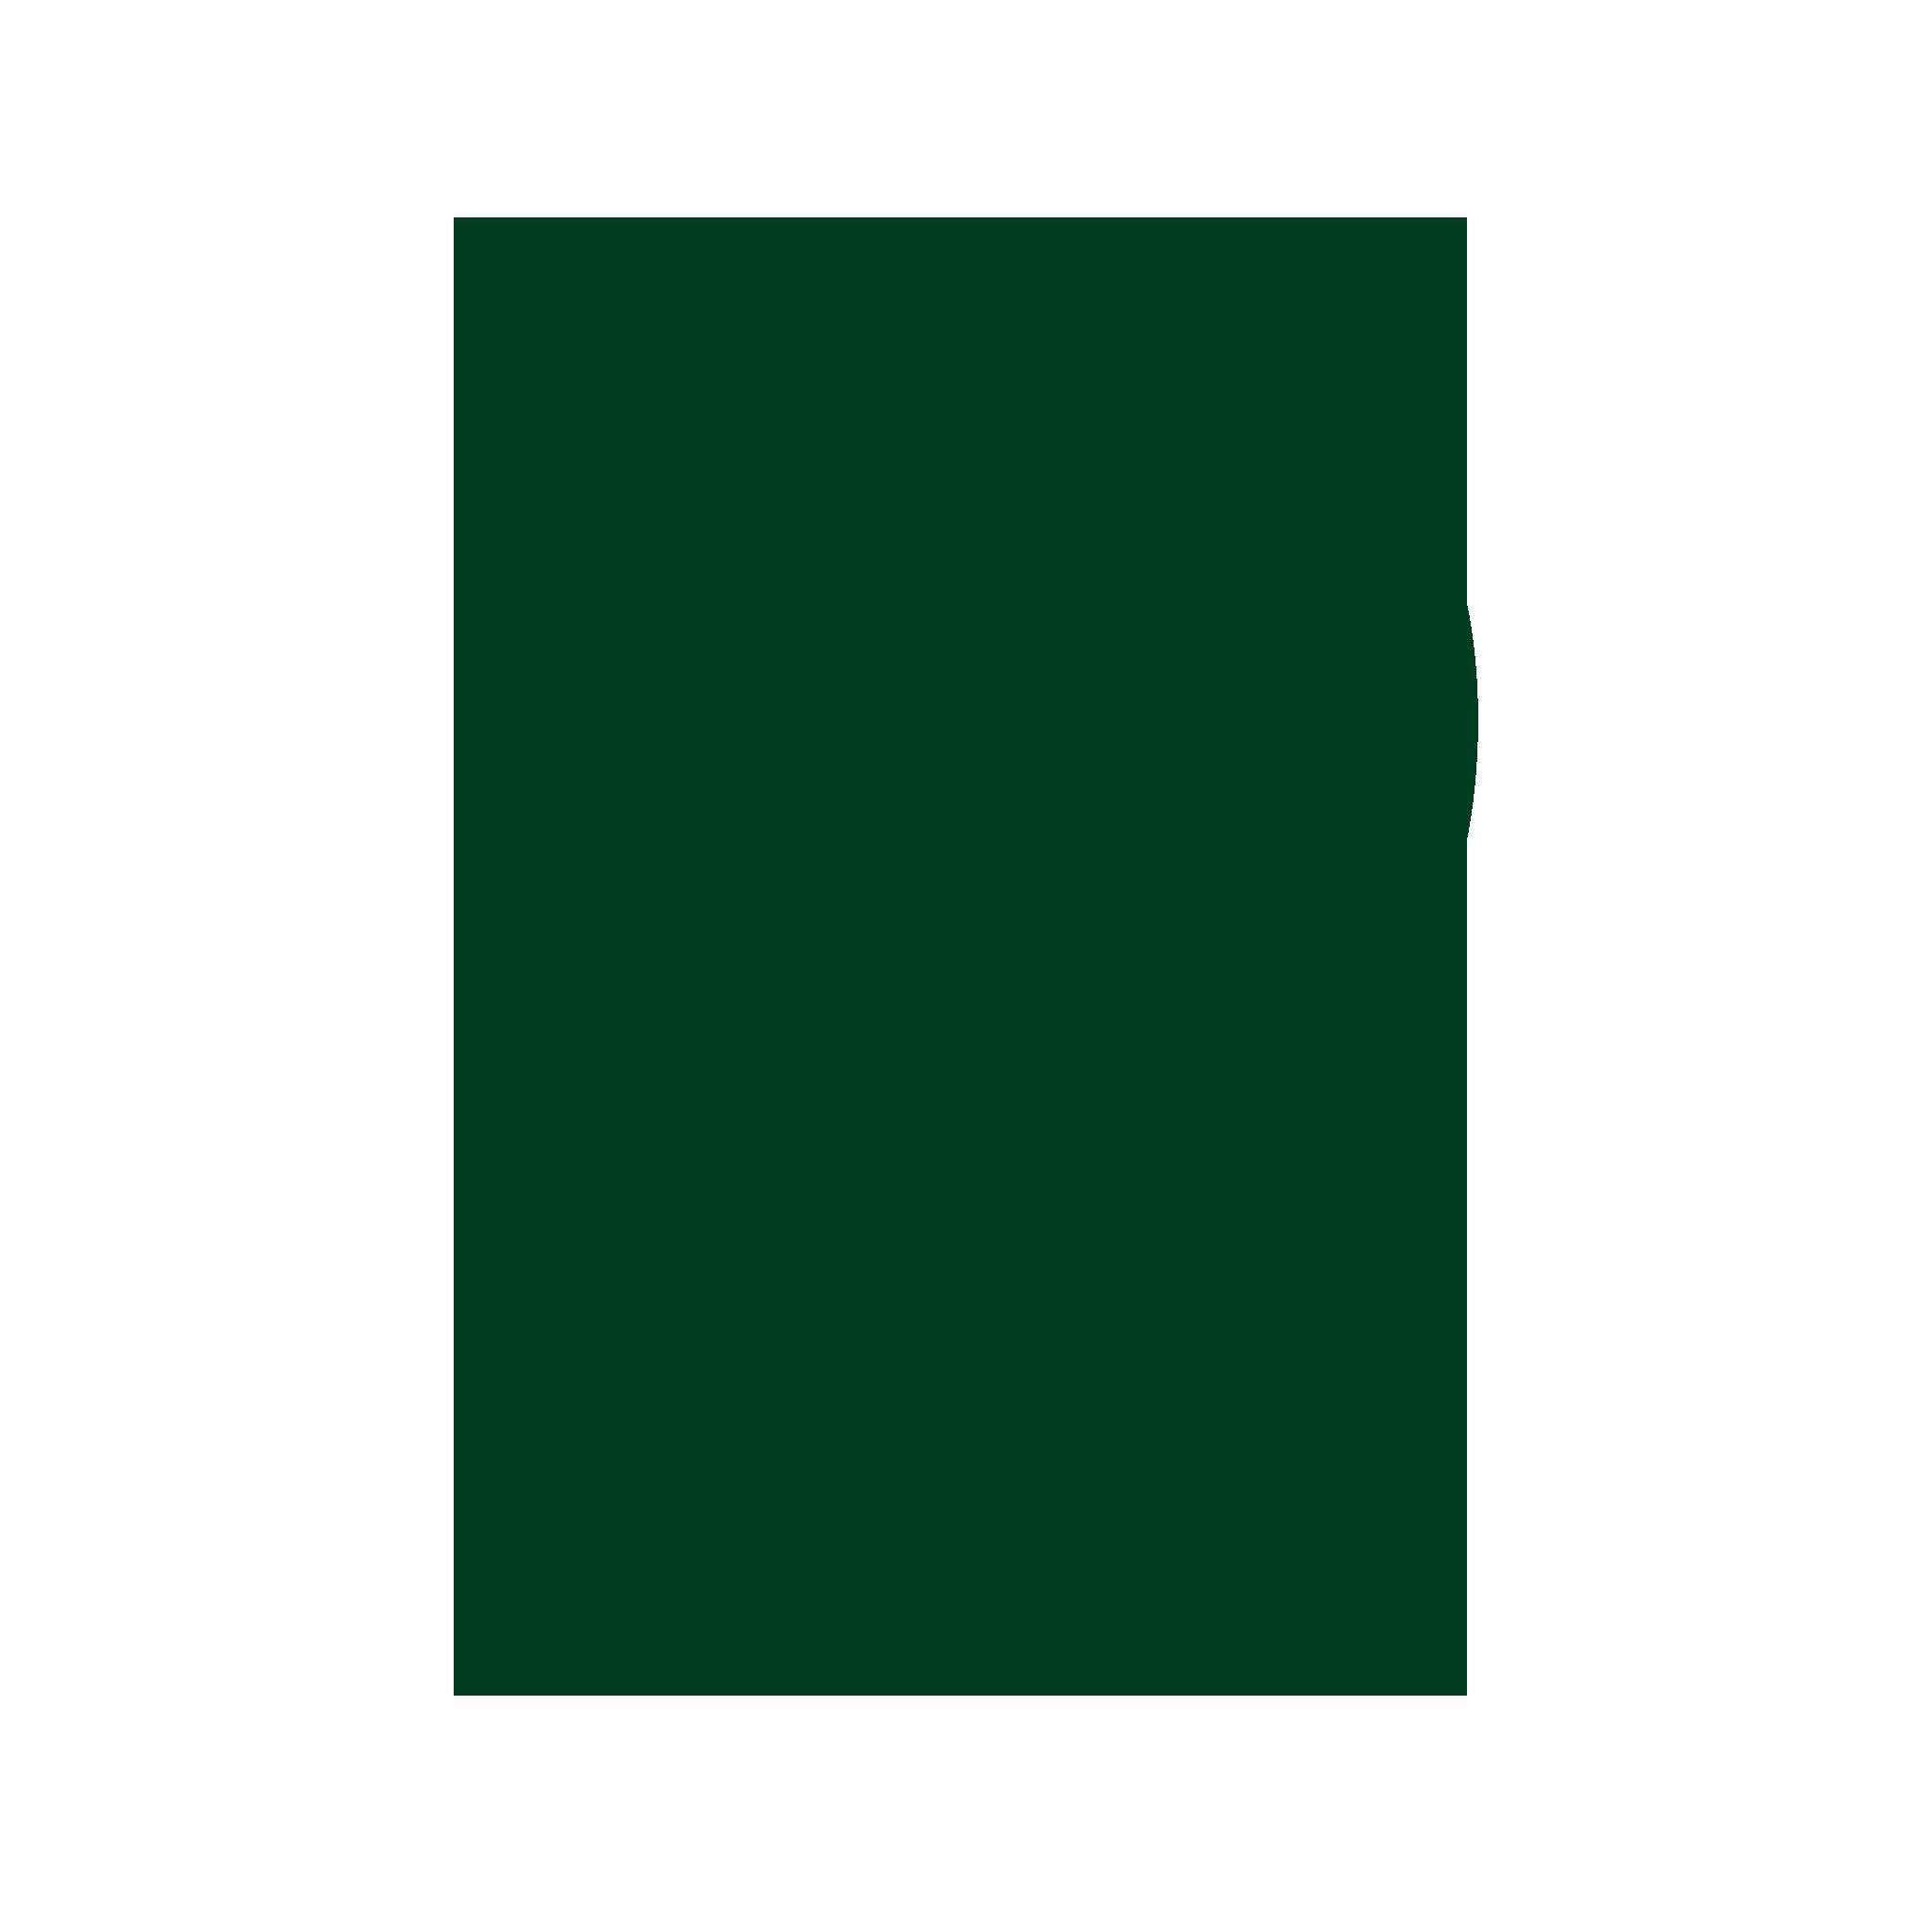 Yoto Ltd.